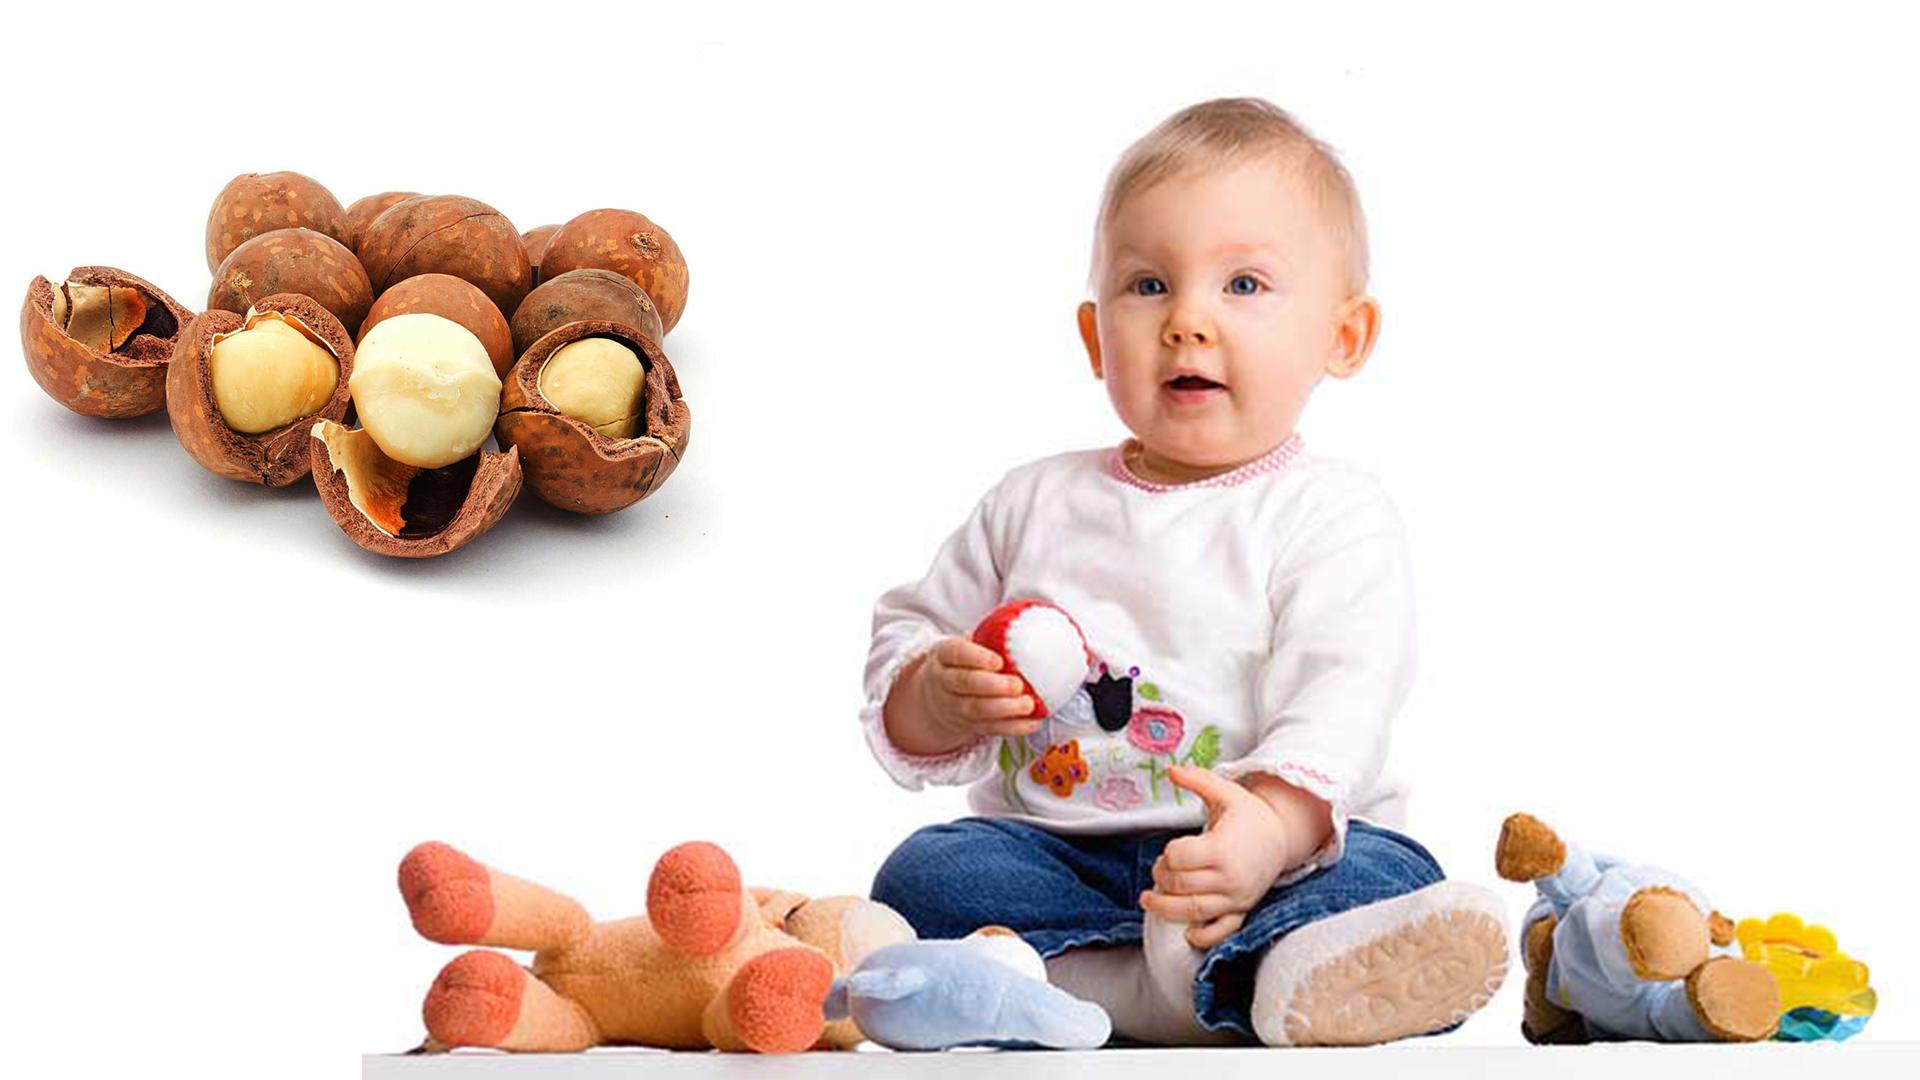 Hạt macca giúp trẻ phát triển hệ xương và hệ thần kinh khỏe mạnh